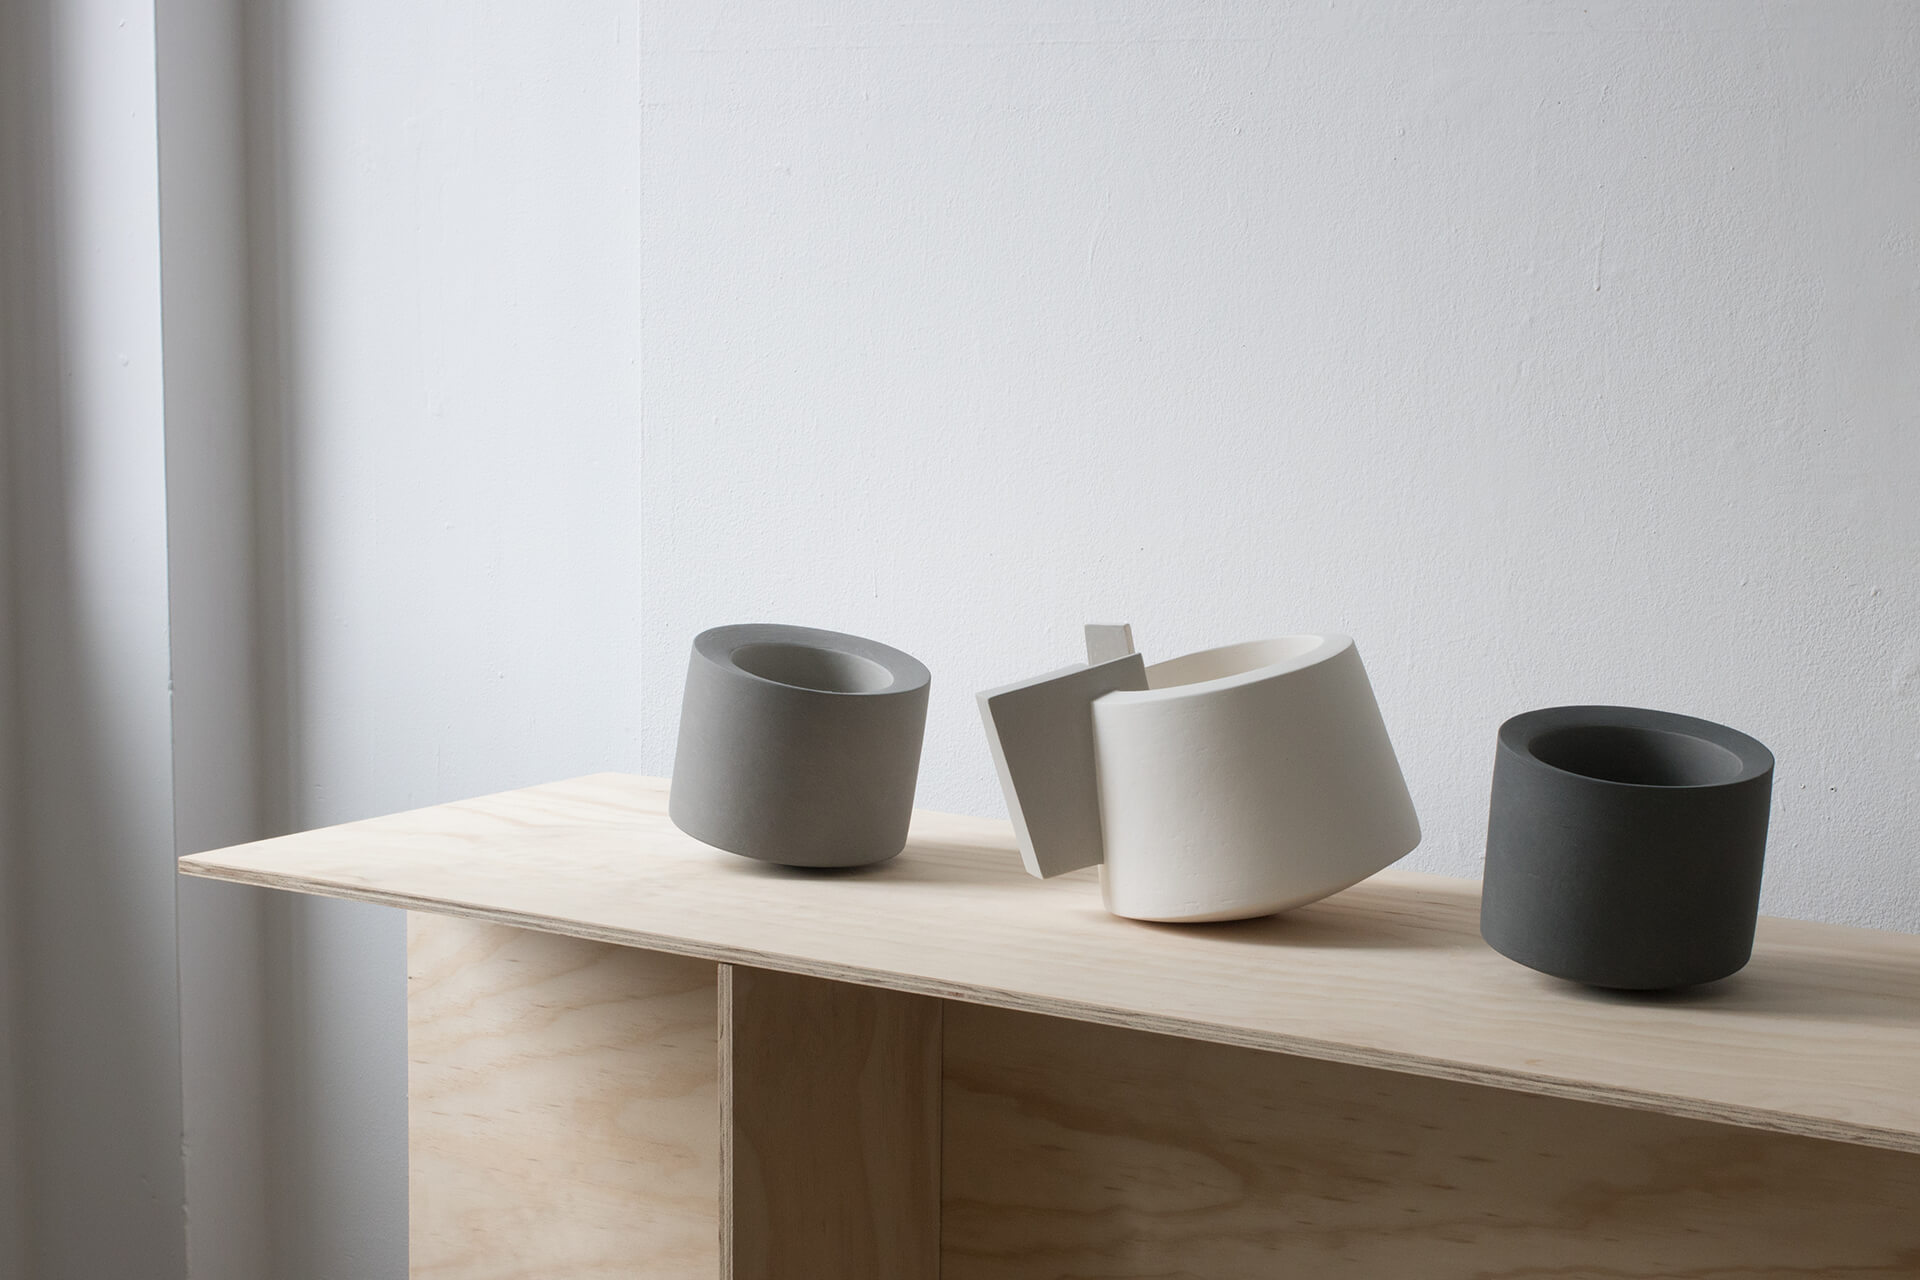 Vessels from Derek Wilson's 2011 Void series.